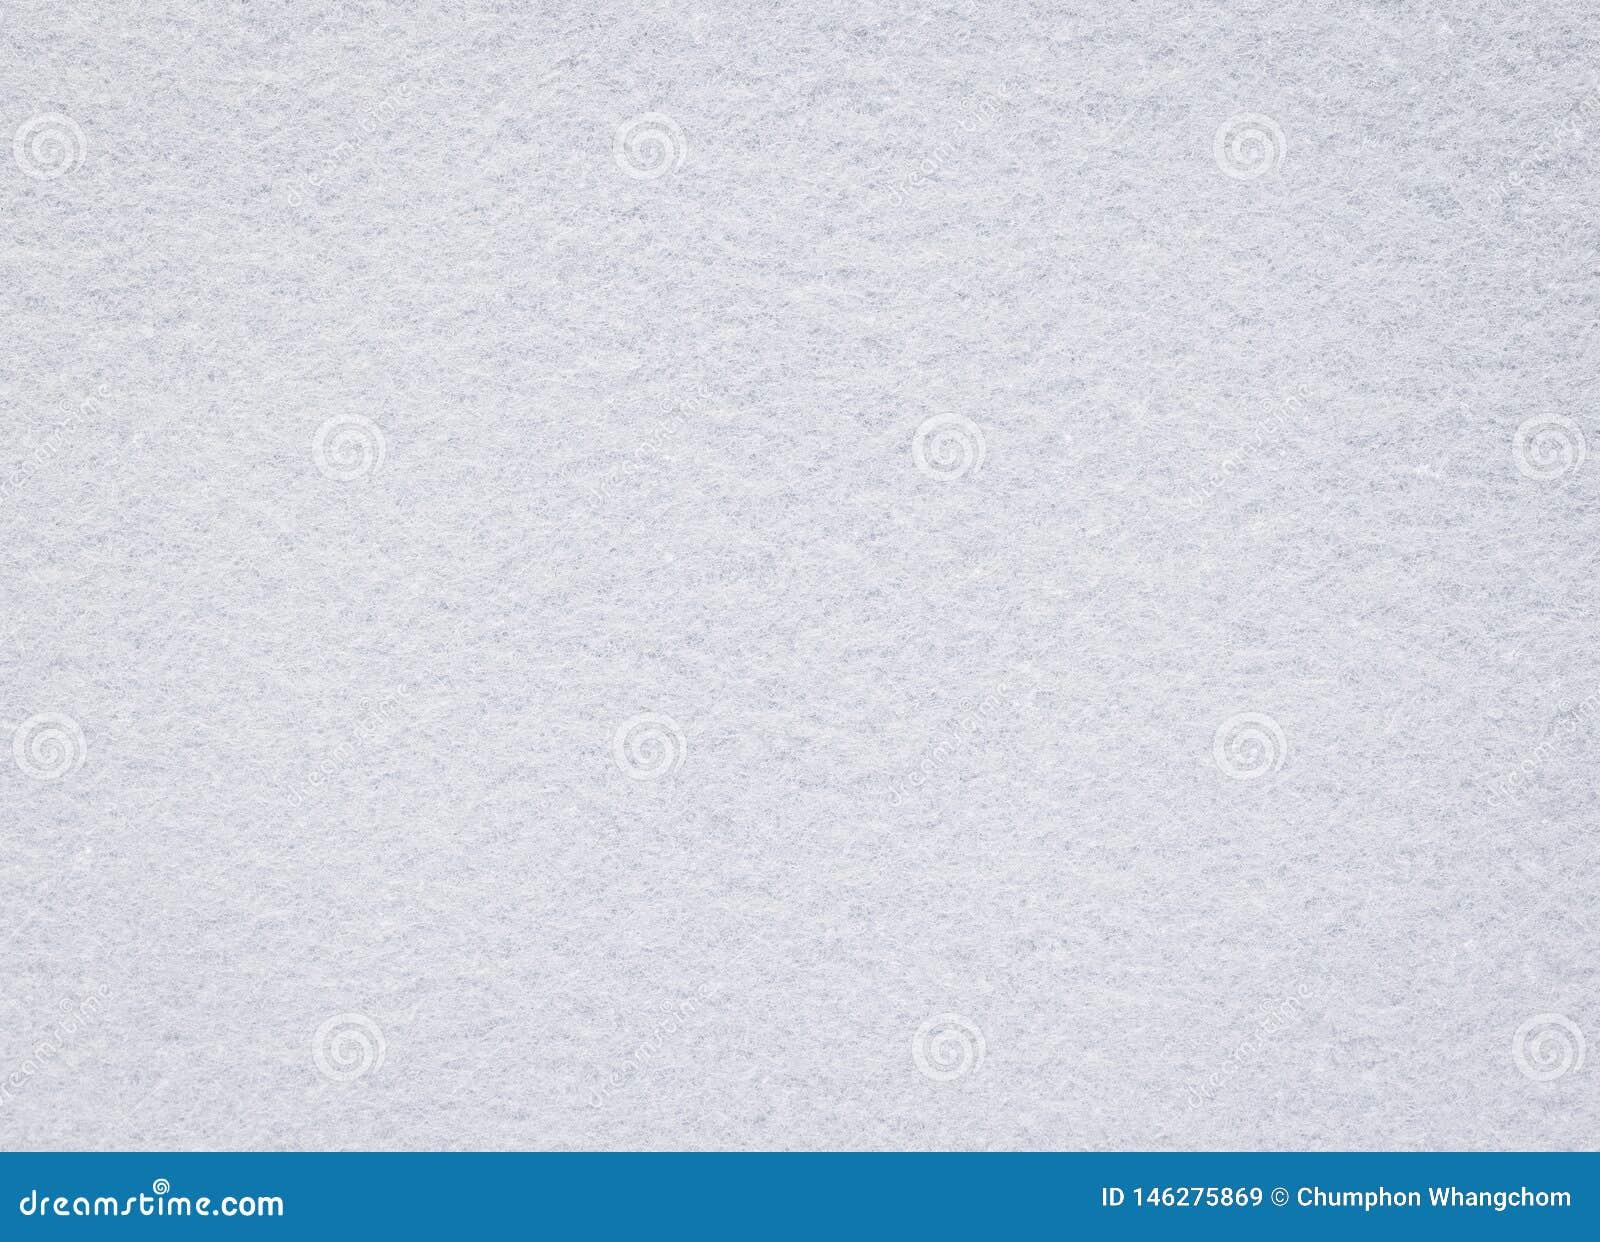 Weiße geglaubte Beschaffenheit Leerer Gewebehintergrund Detail des Teppichmaterials